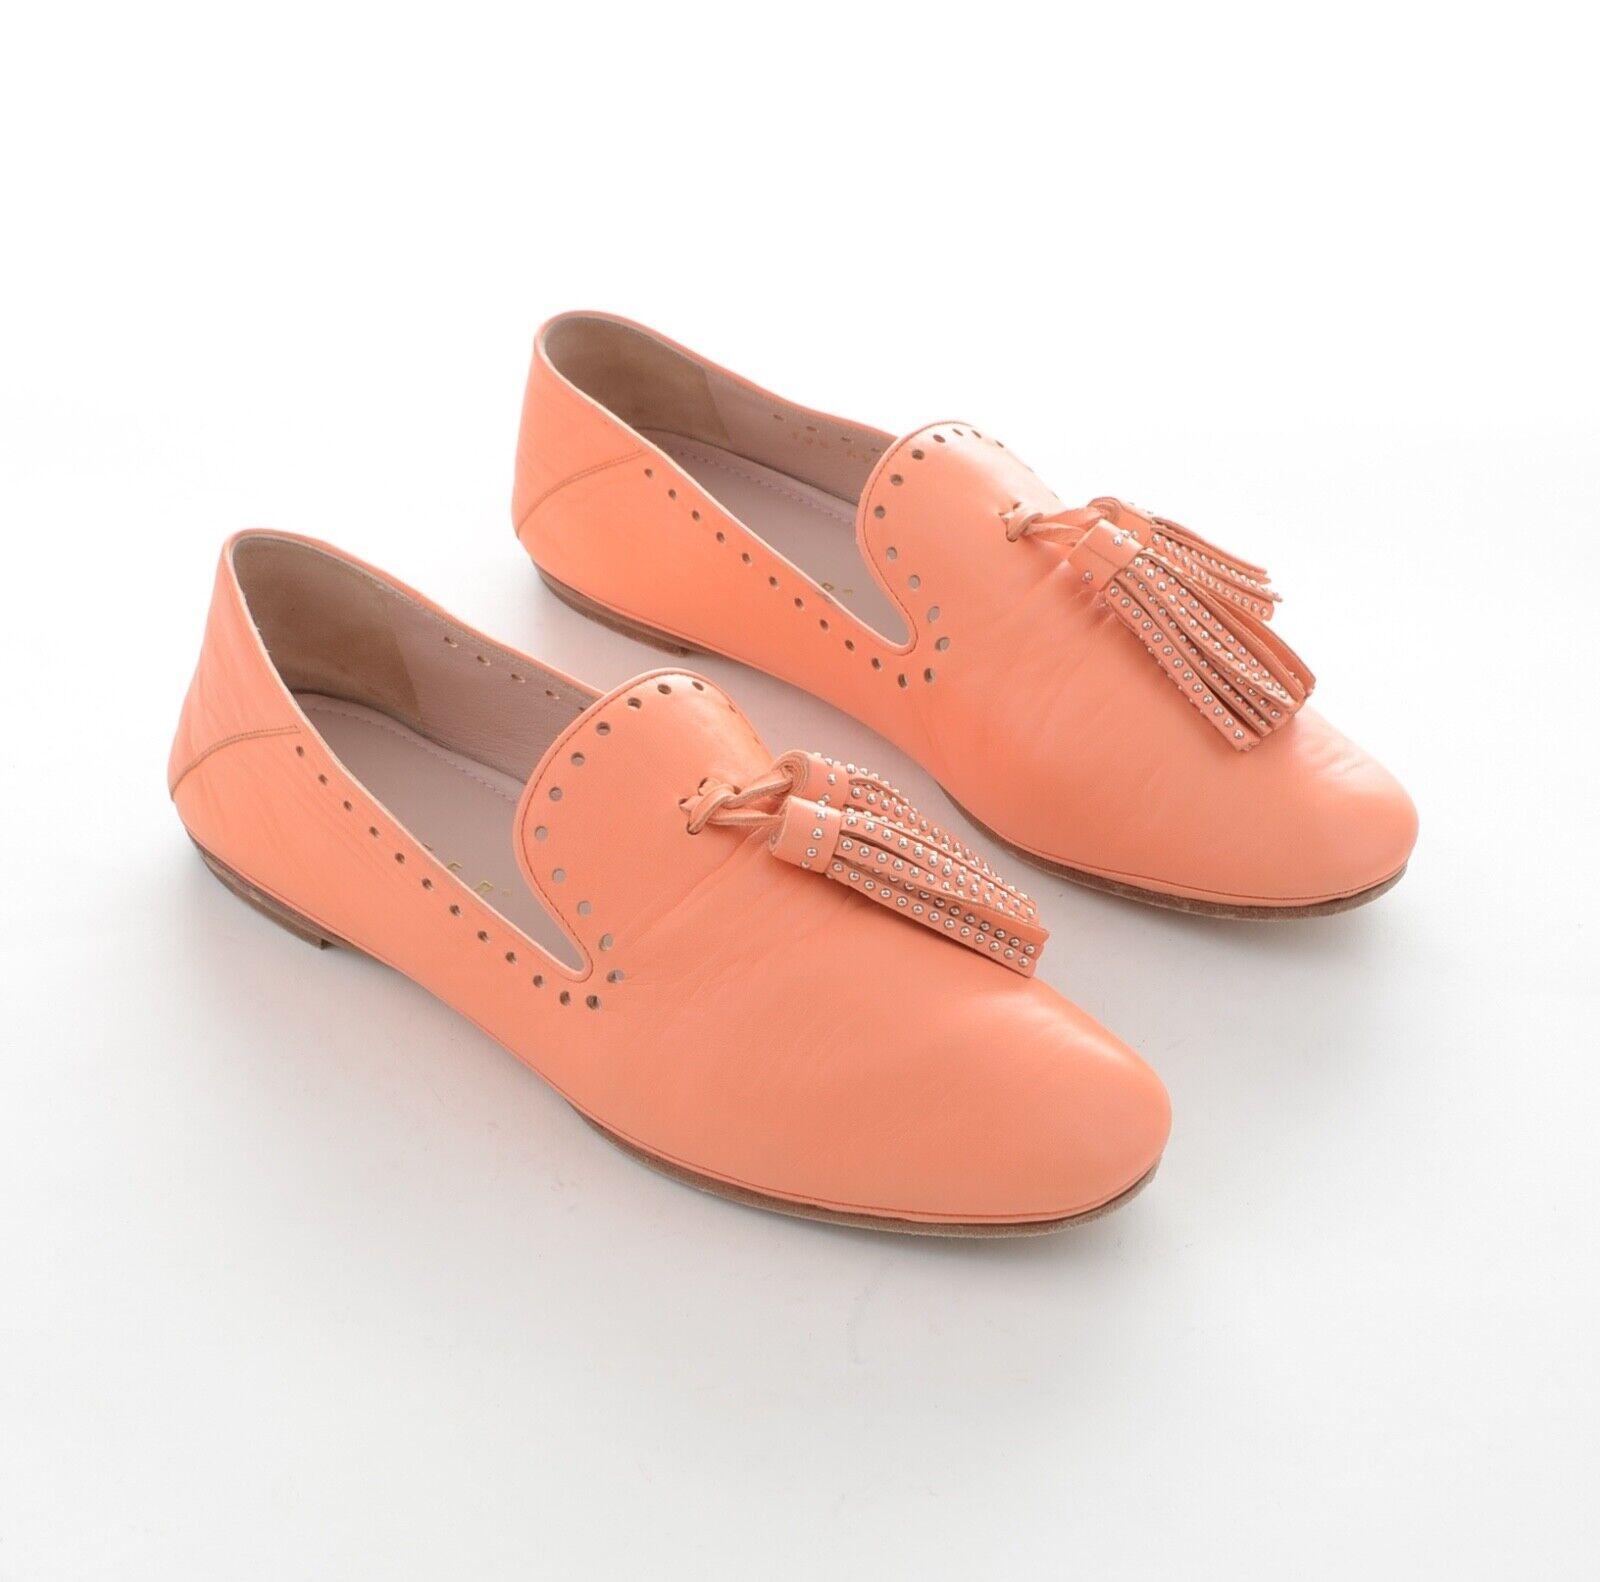 Unützer Damen Slipper Loafers Halbschuhe Gr.39,5 Lachs Orange Leder